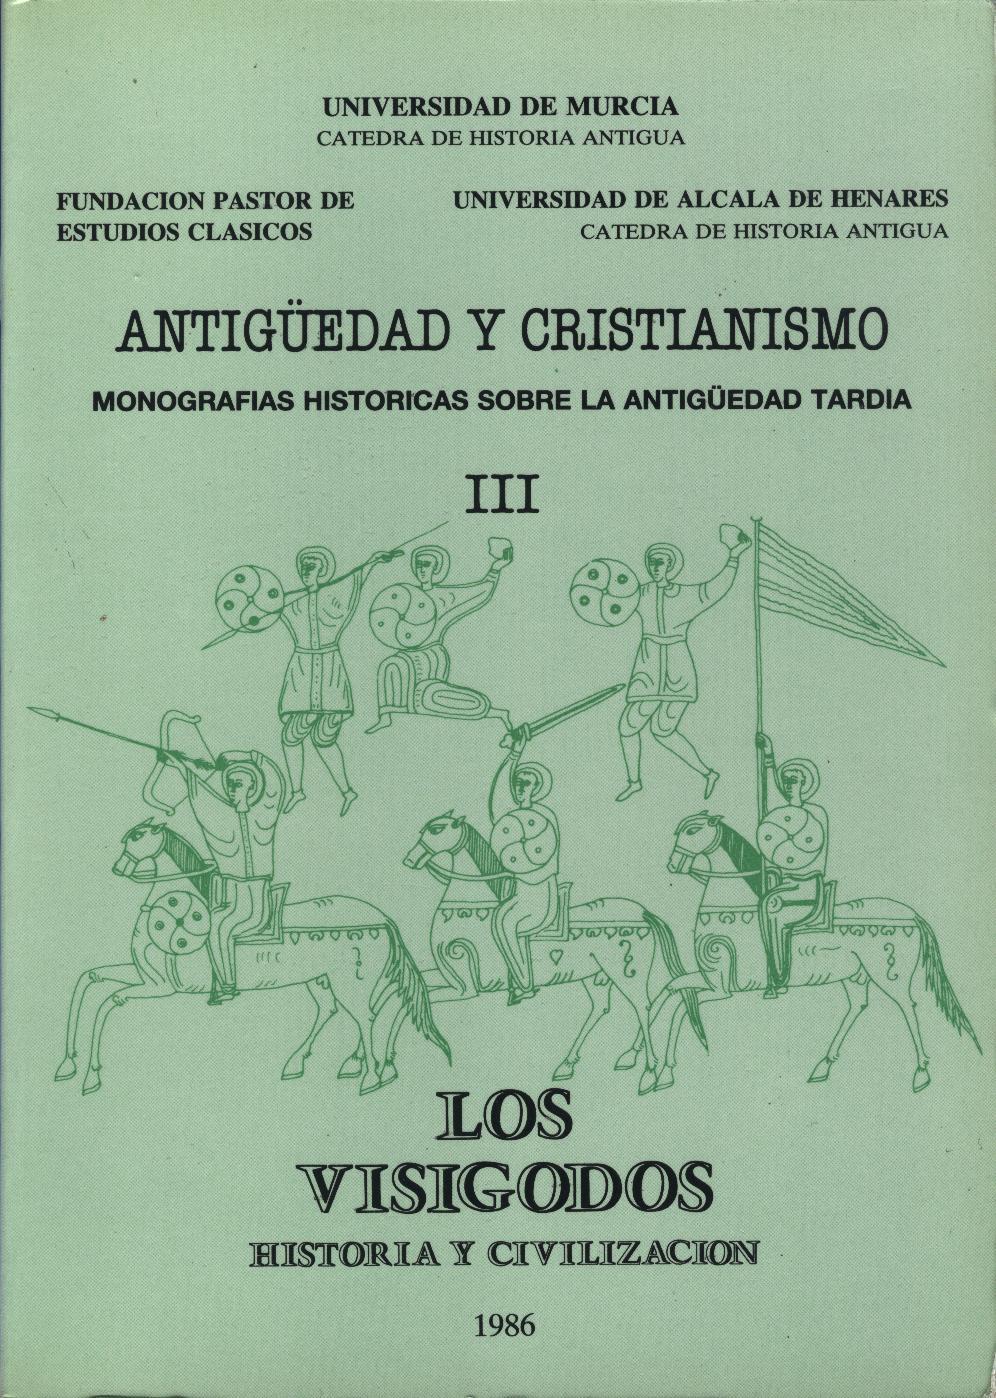 Ver Núm. 3 (1986): Visigodos: historia y civilización